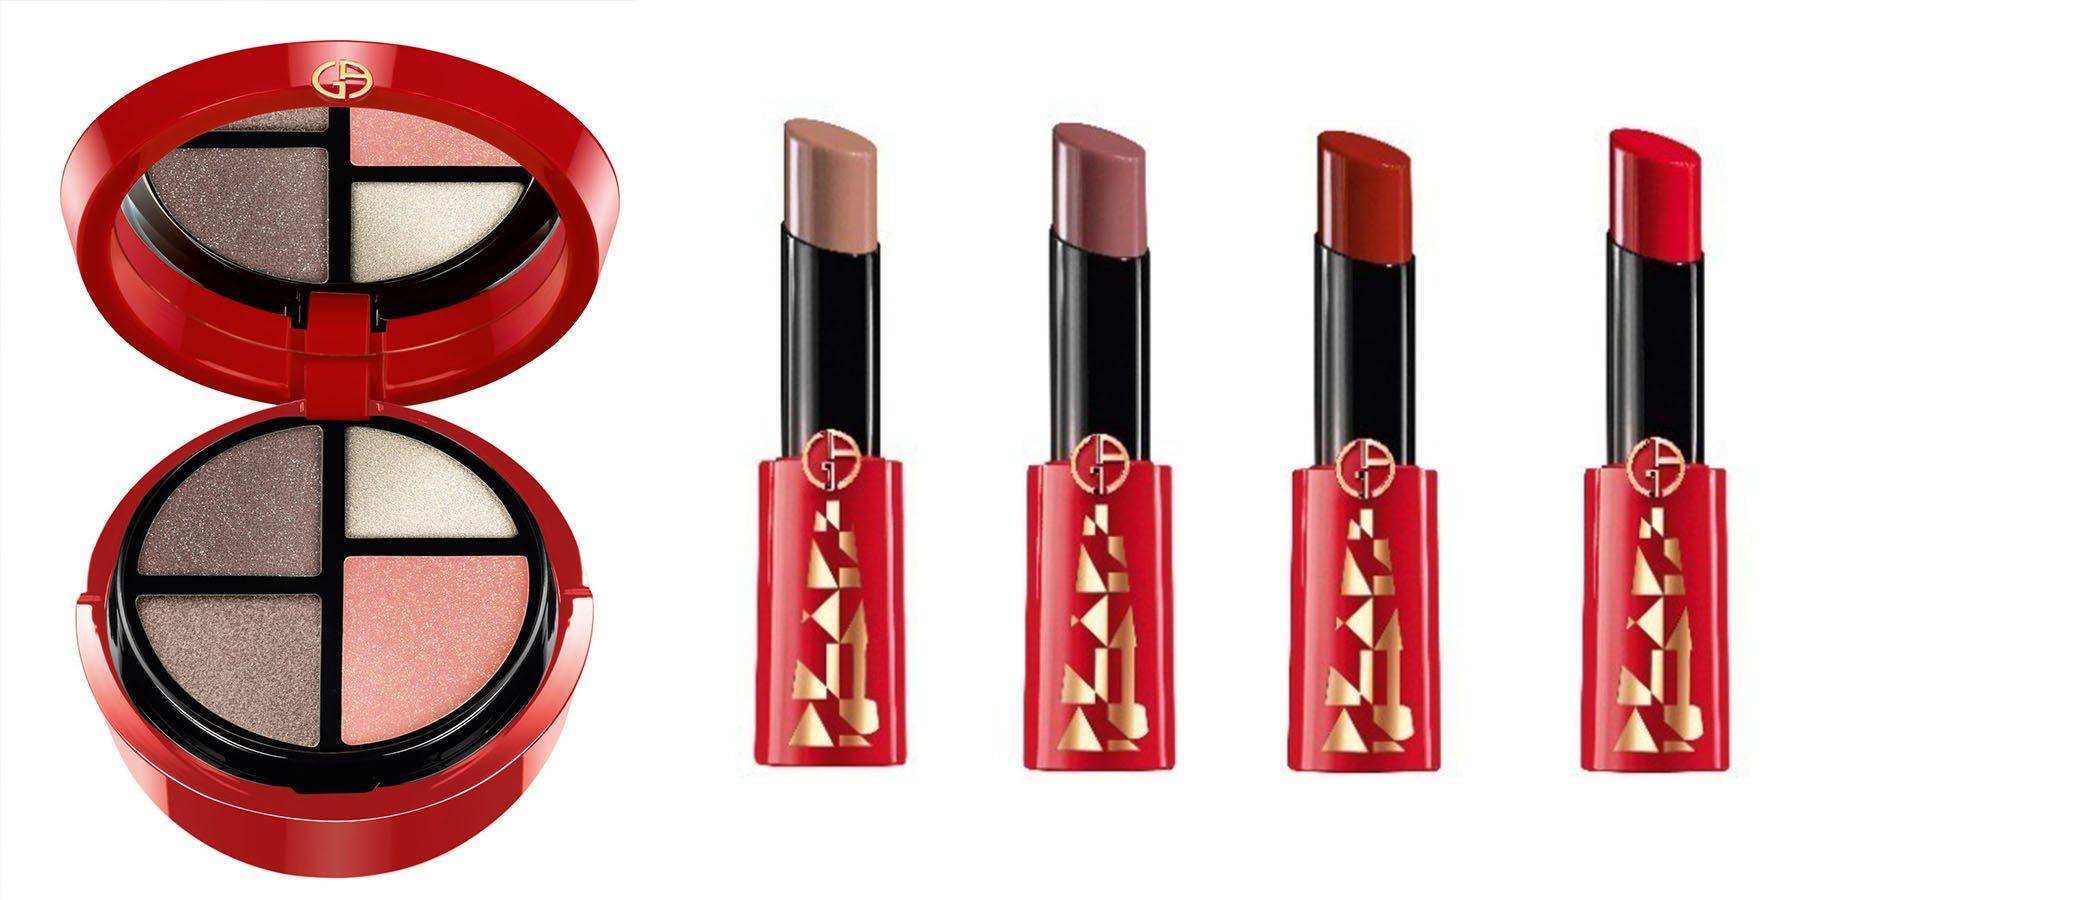 Armani presenta su nueva colección de maquillaje para Navidad bajo el nombre de 'Holiday Studio'